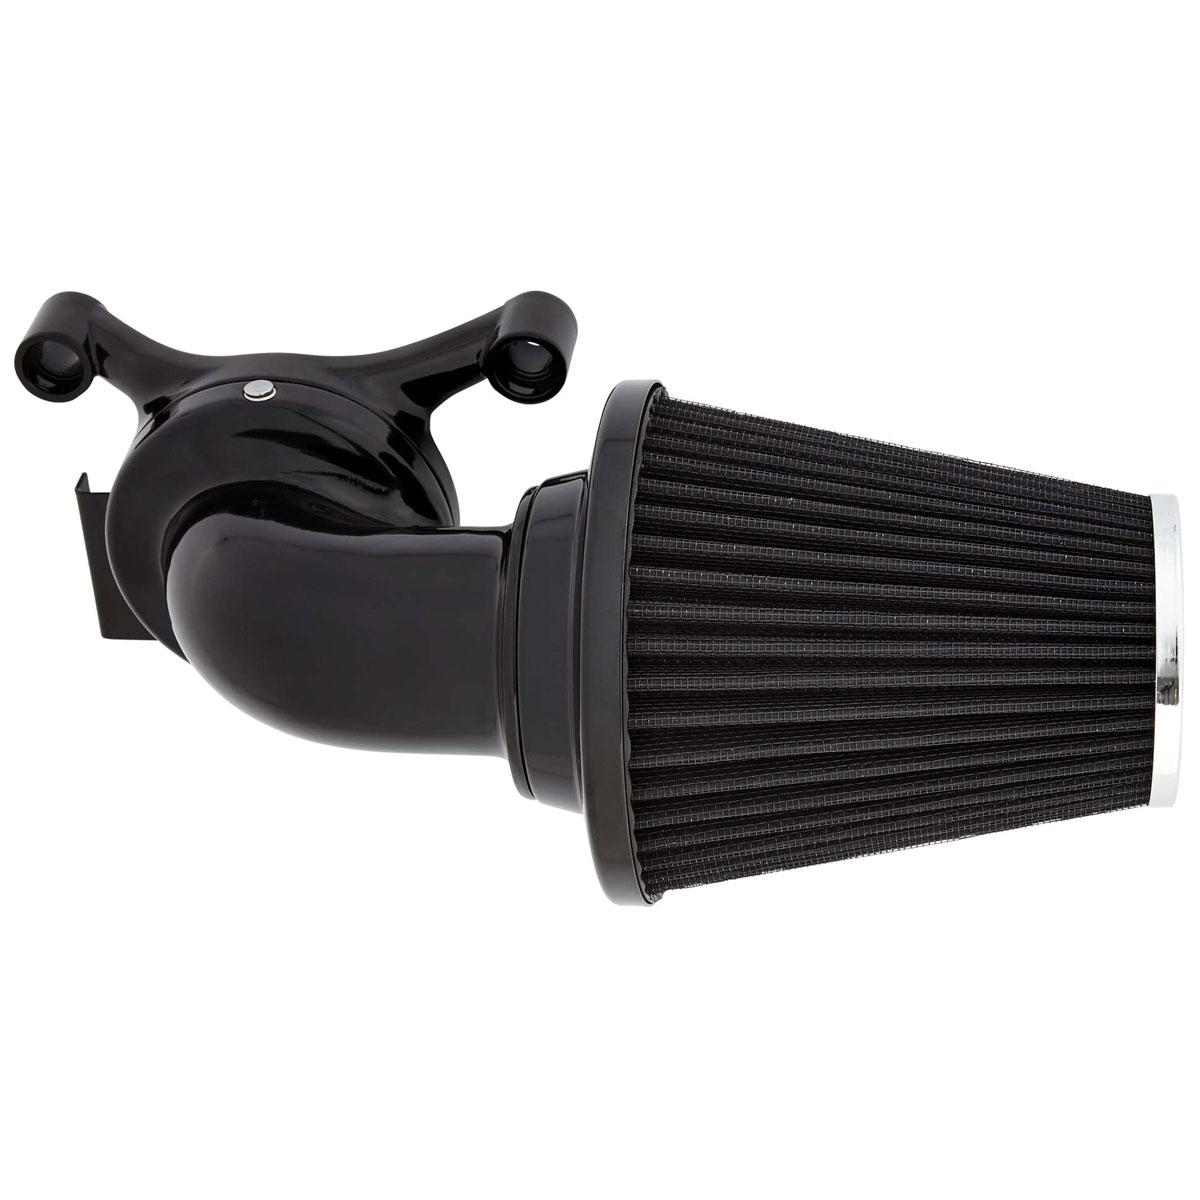 Arlen Ness 90? Monster Sucker Air Cleaner No Cover Black